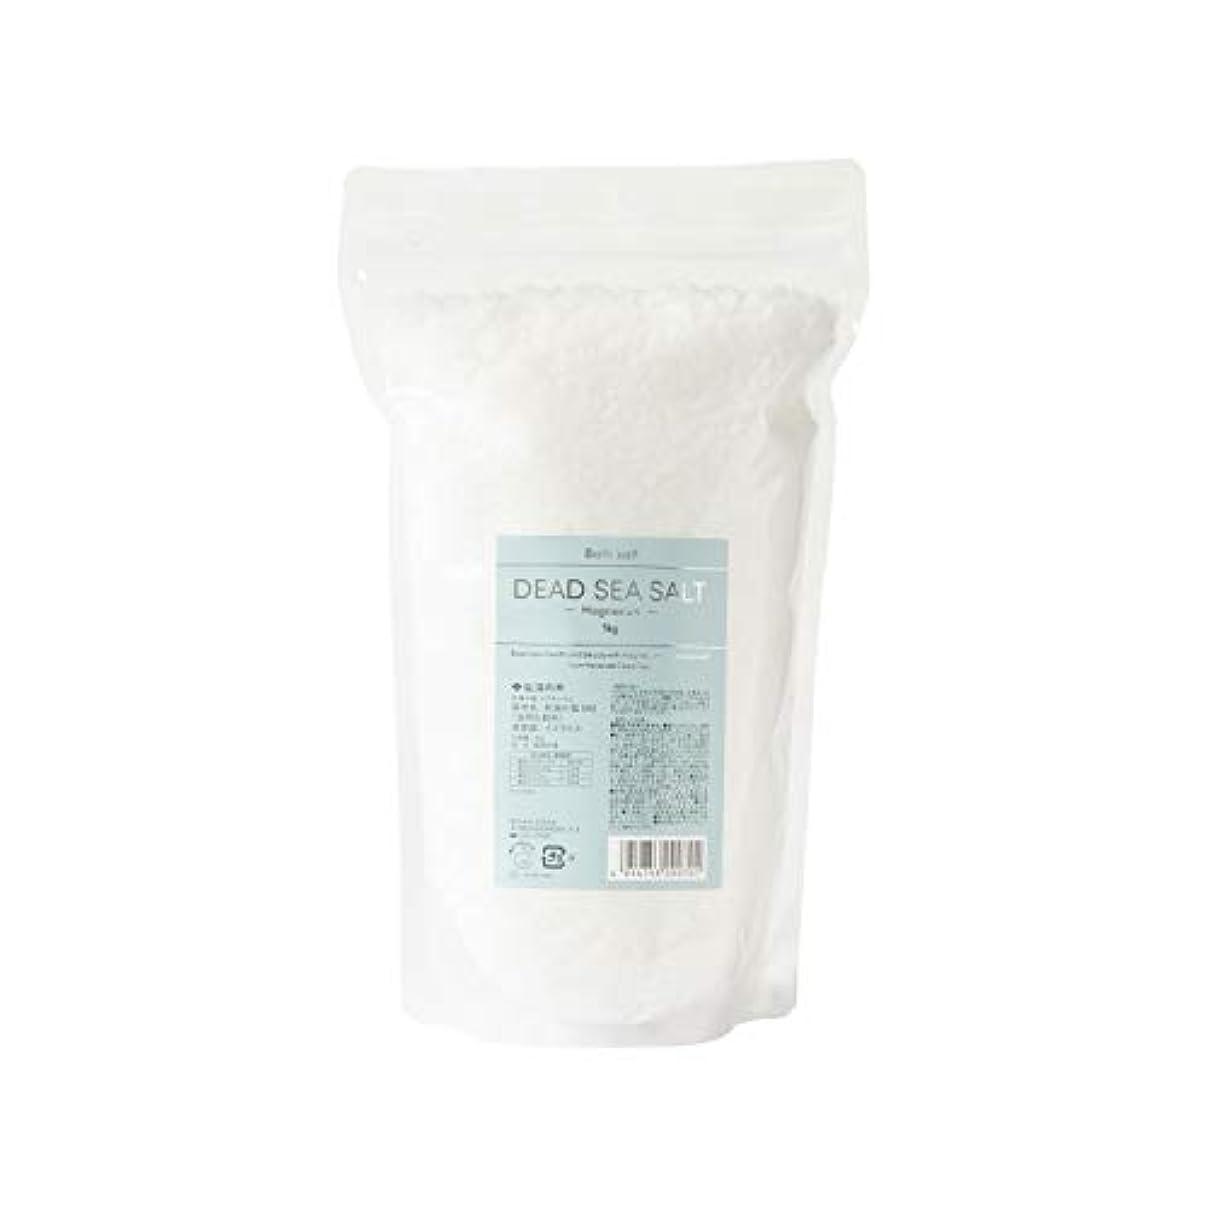 瀬戸際しみシェルター生活の木 死海の塩マグネシウム 1kg